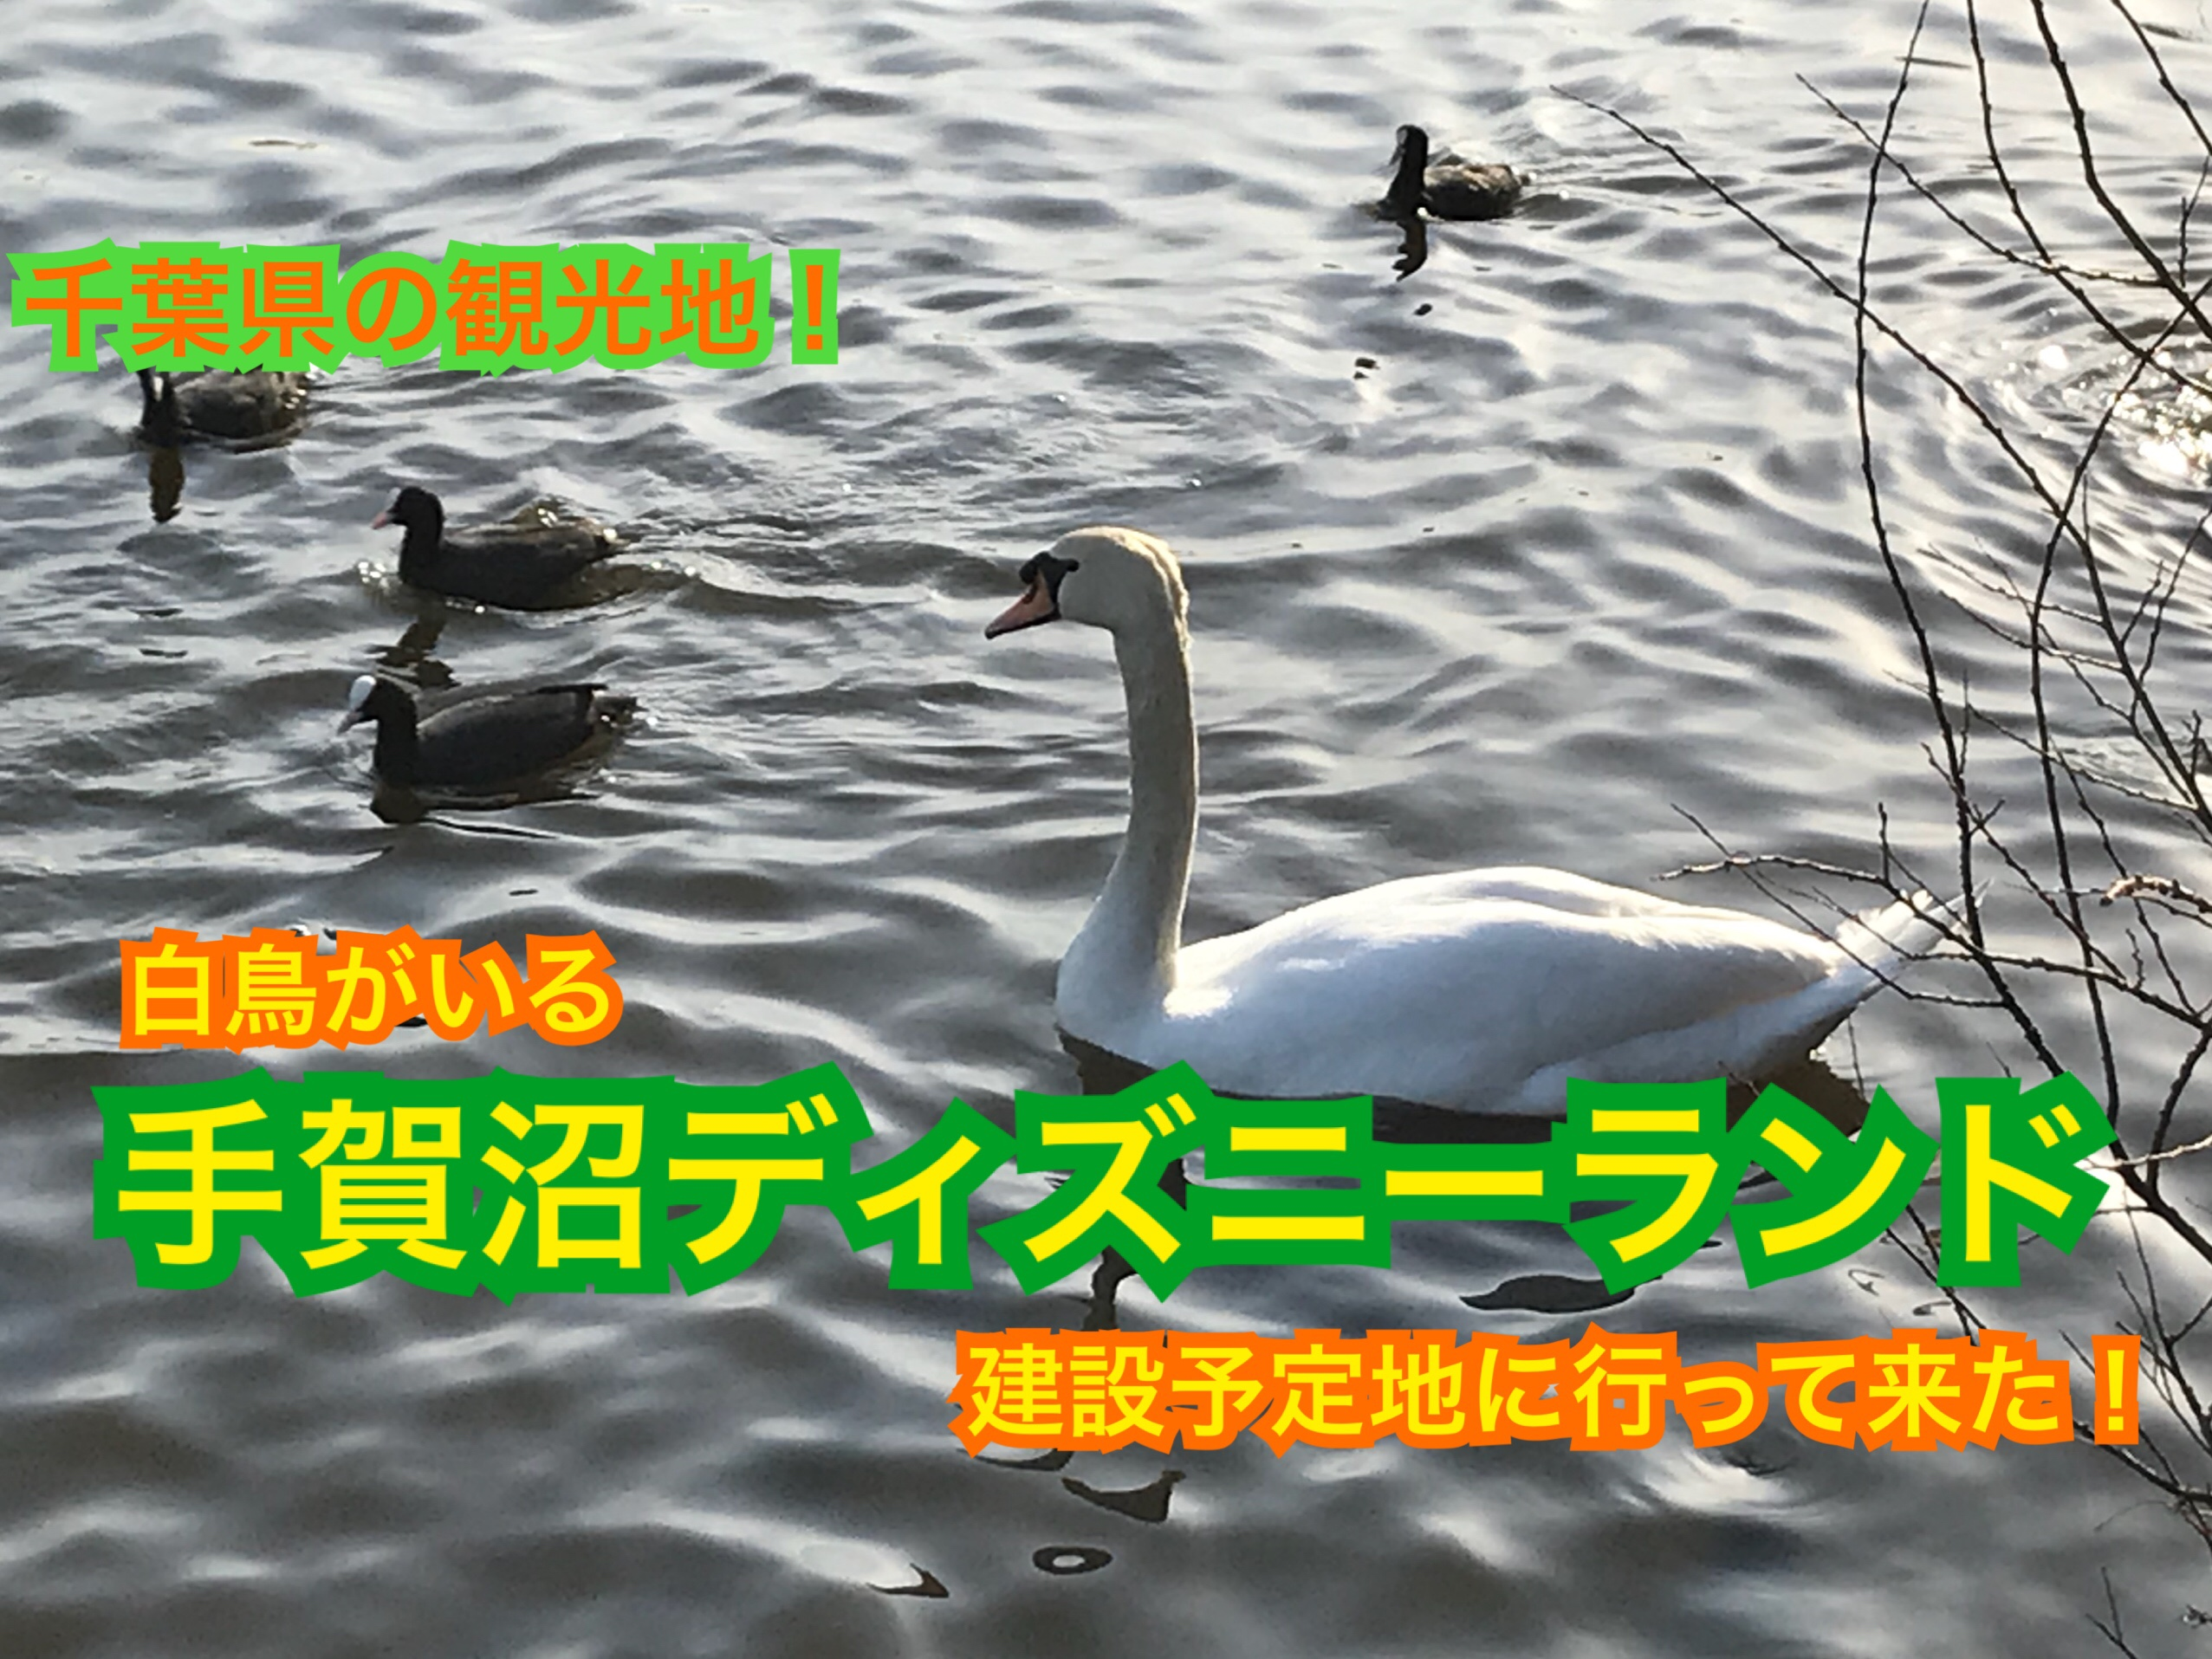 手賀沼ディズニーランド予定地?!千葉県の観光地、手賀沼に行って来た!【関東めぐり千葉編】